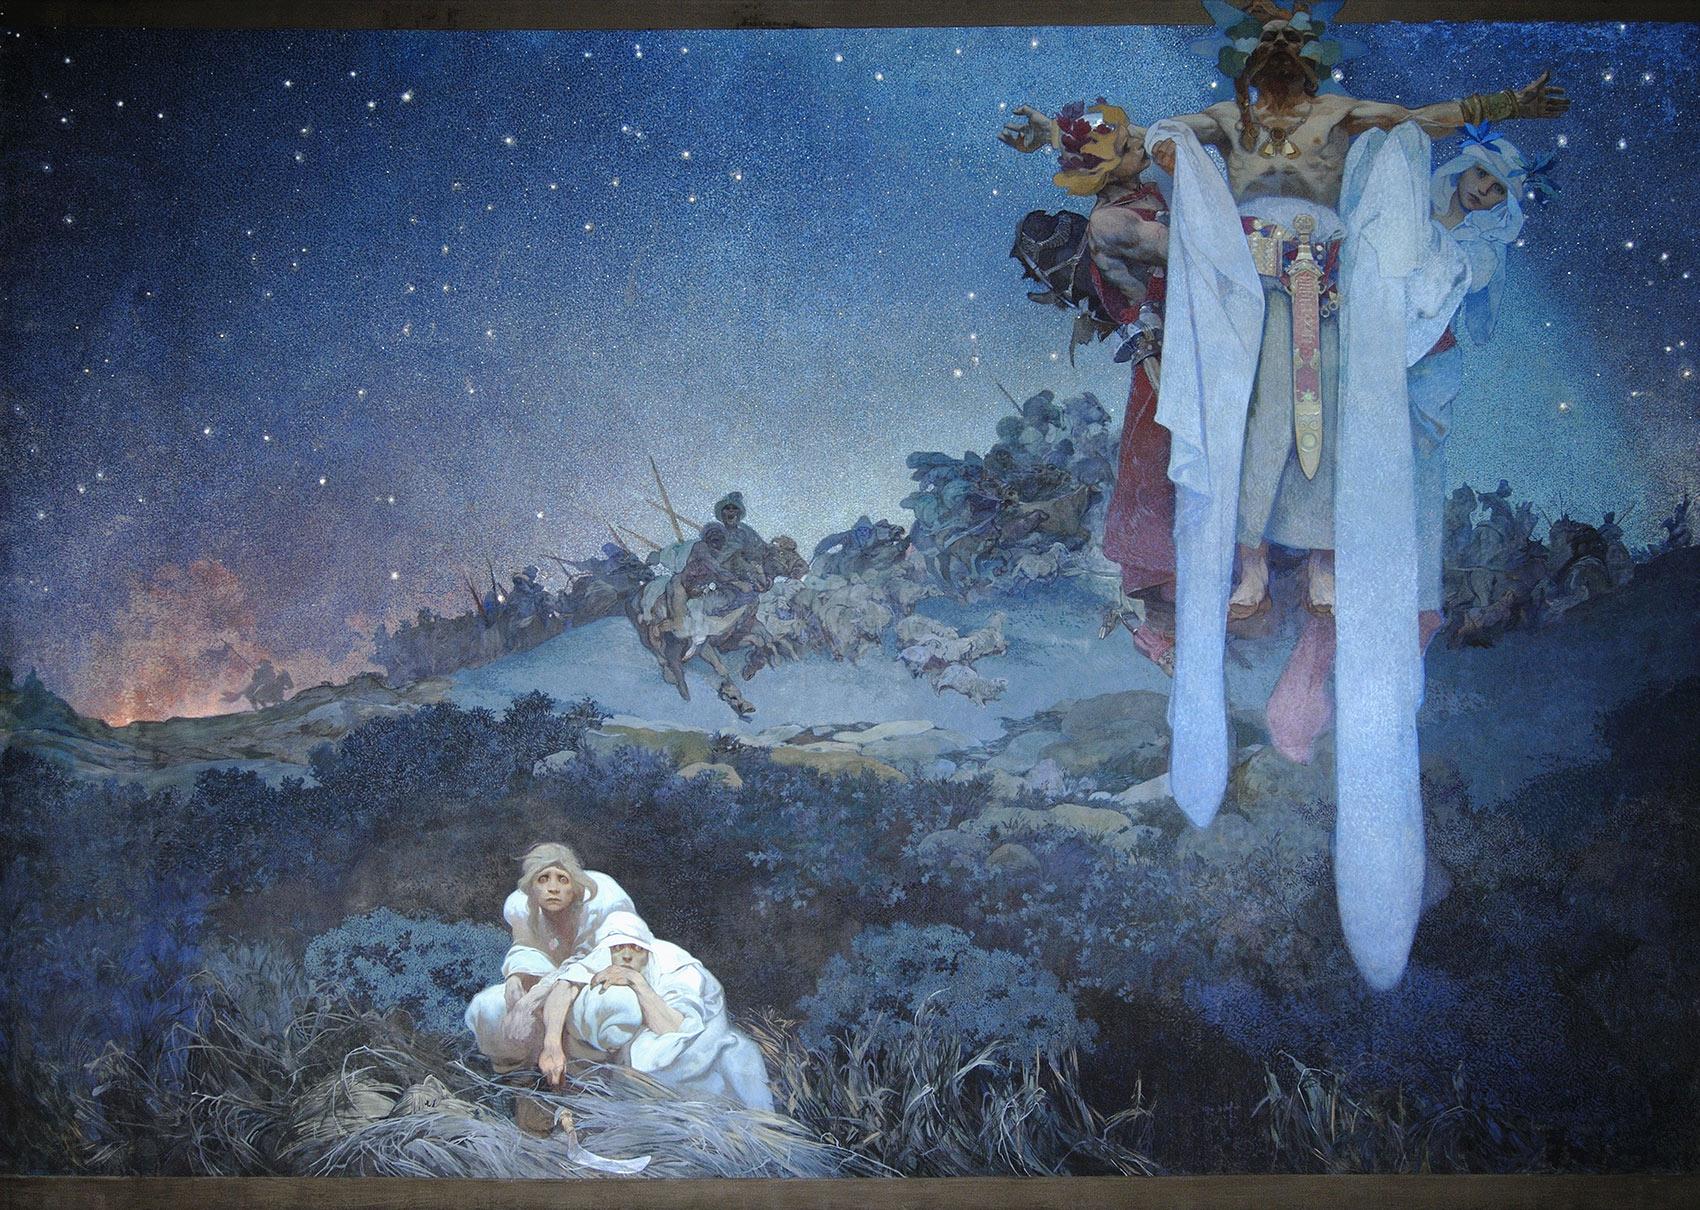 《スラヴ叙事詩「原故郷のスラヴ民族」》1912年 プラハ市立美術館 ©Prague City Gallery